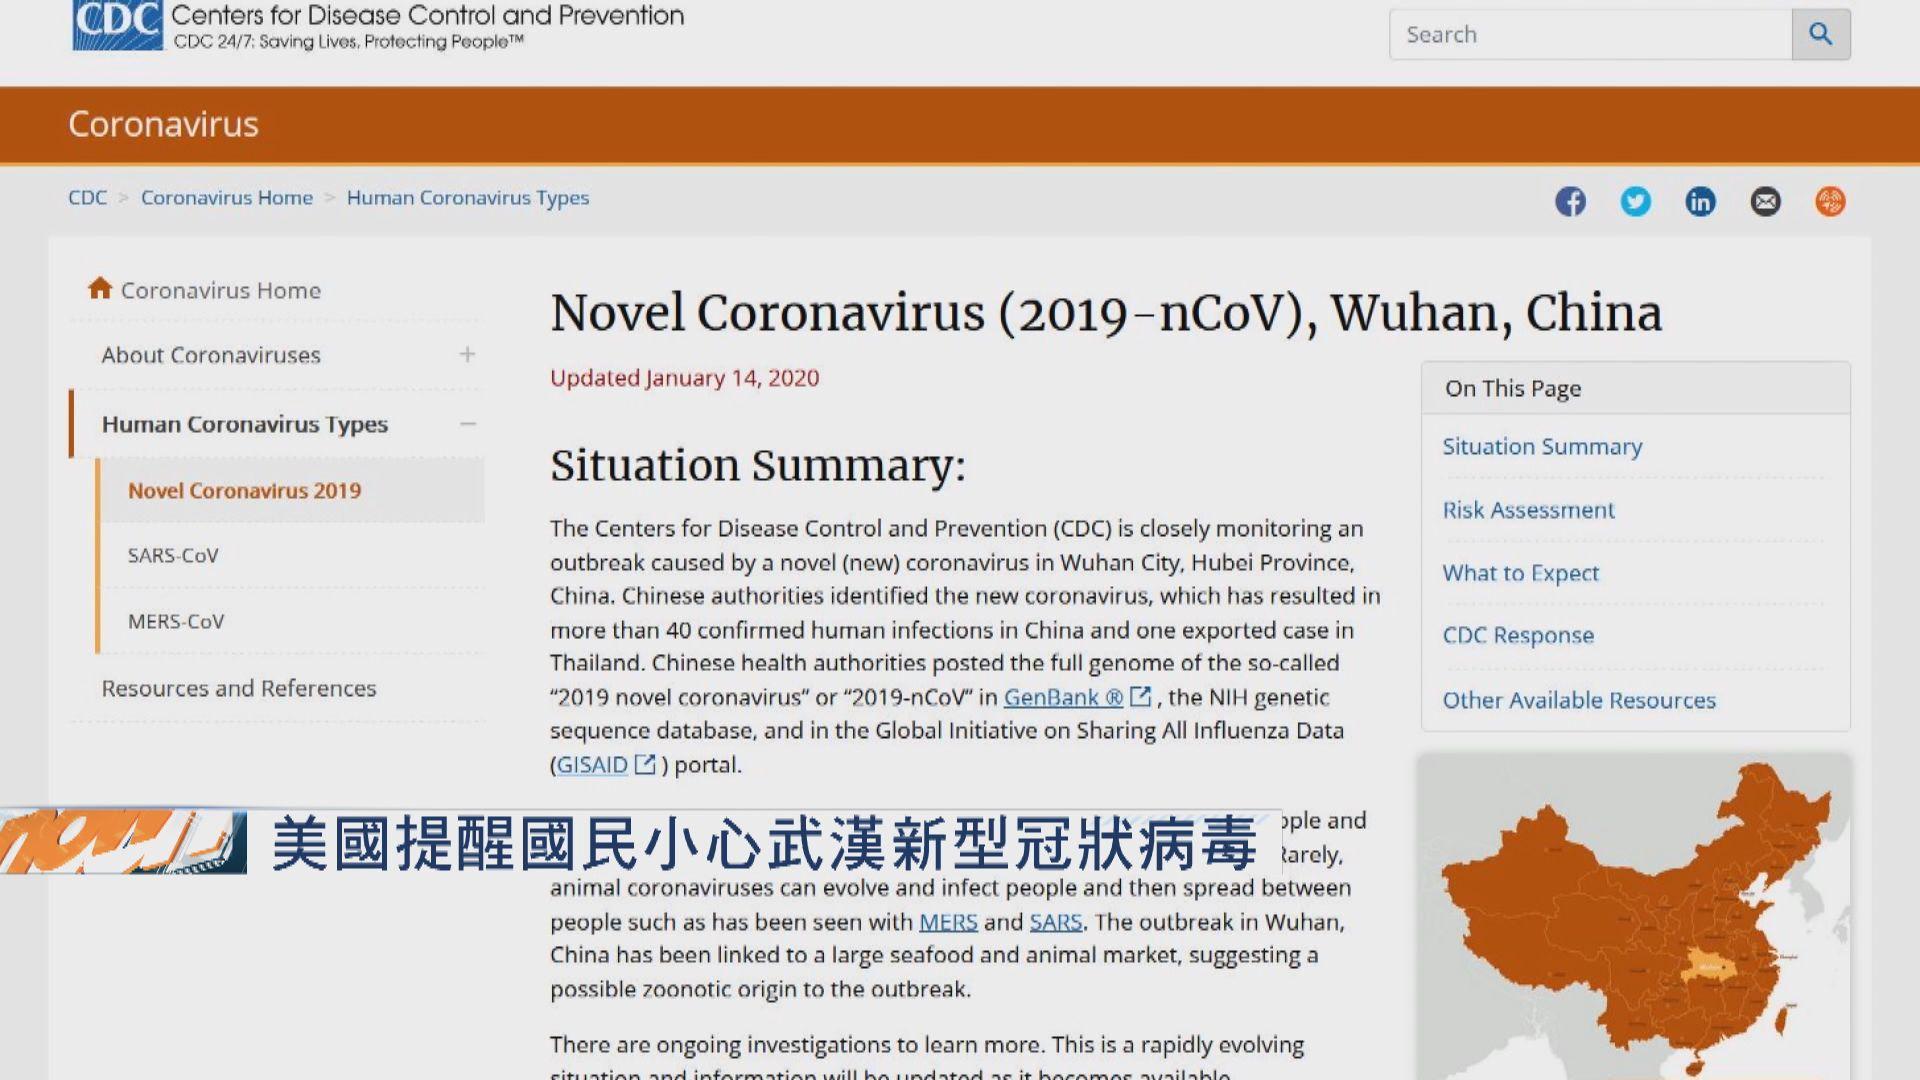 美國提醒國民小心武漢新型冠狀病毒